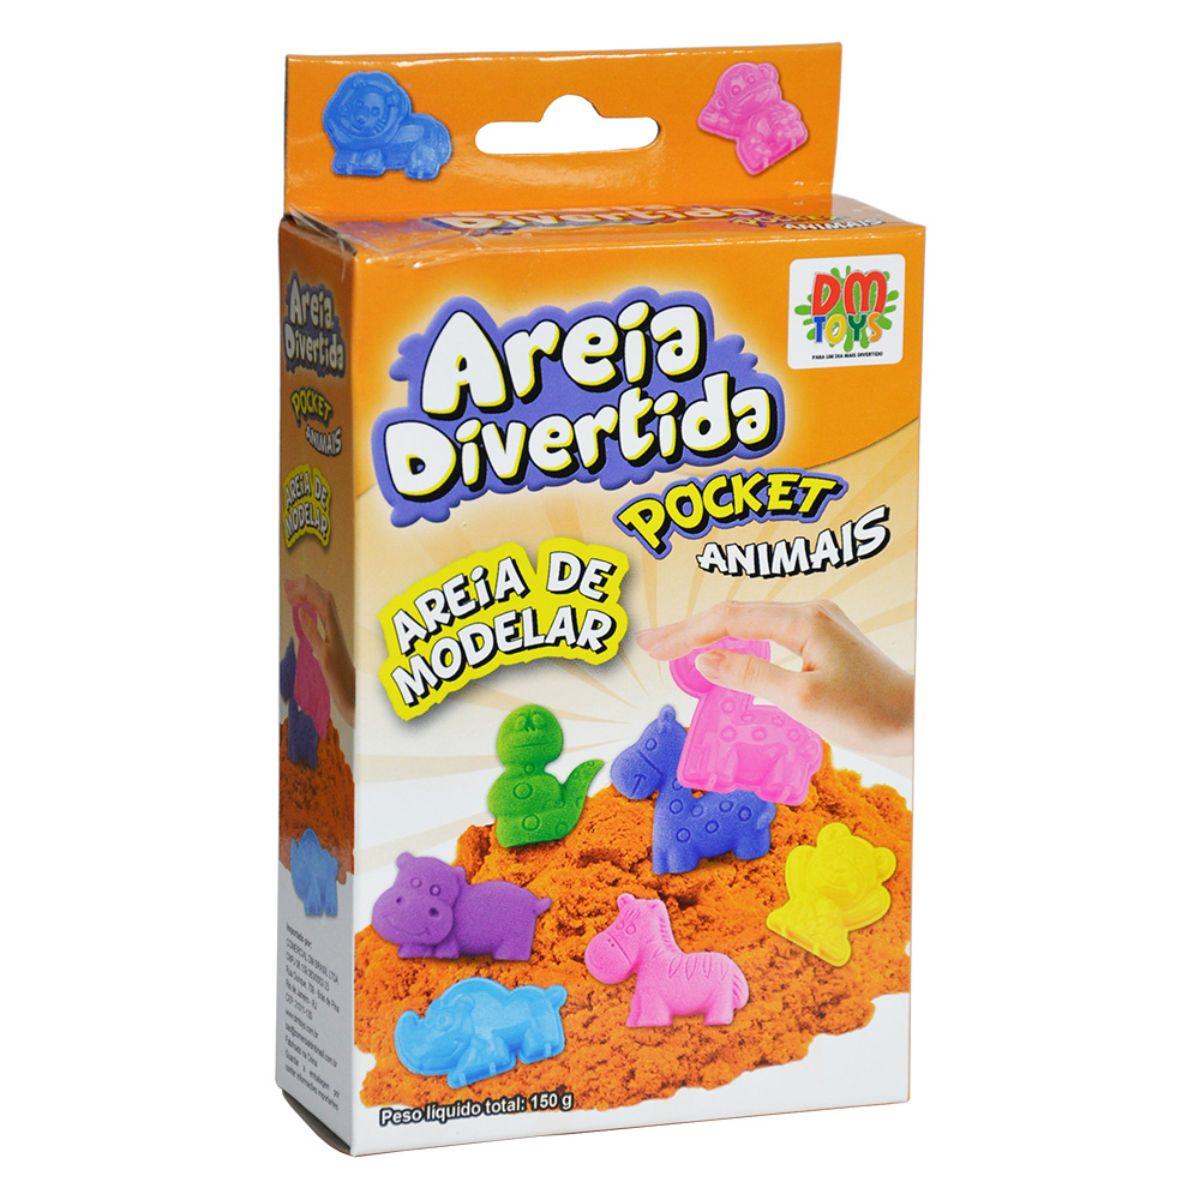 Areia Cinética Massinha de Areia Massa de Areia Areia Mágica Areia Divertida Areia Mágica Pocket Animais Dm Toys Brinquedo Infantil